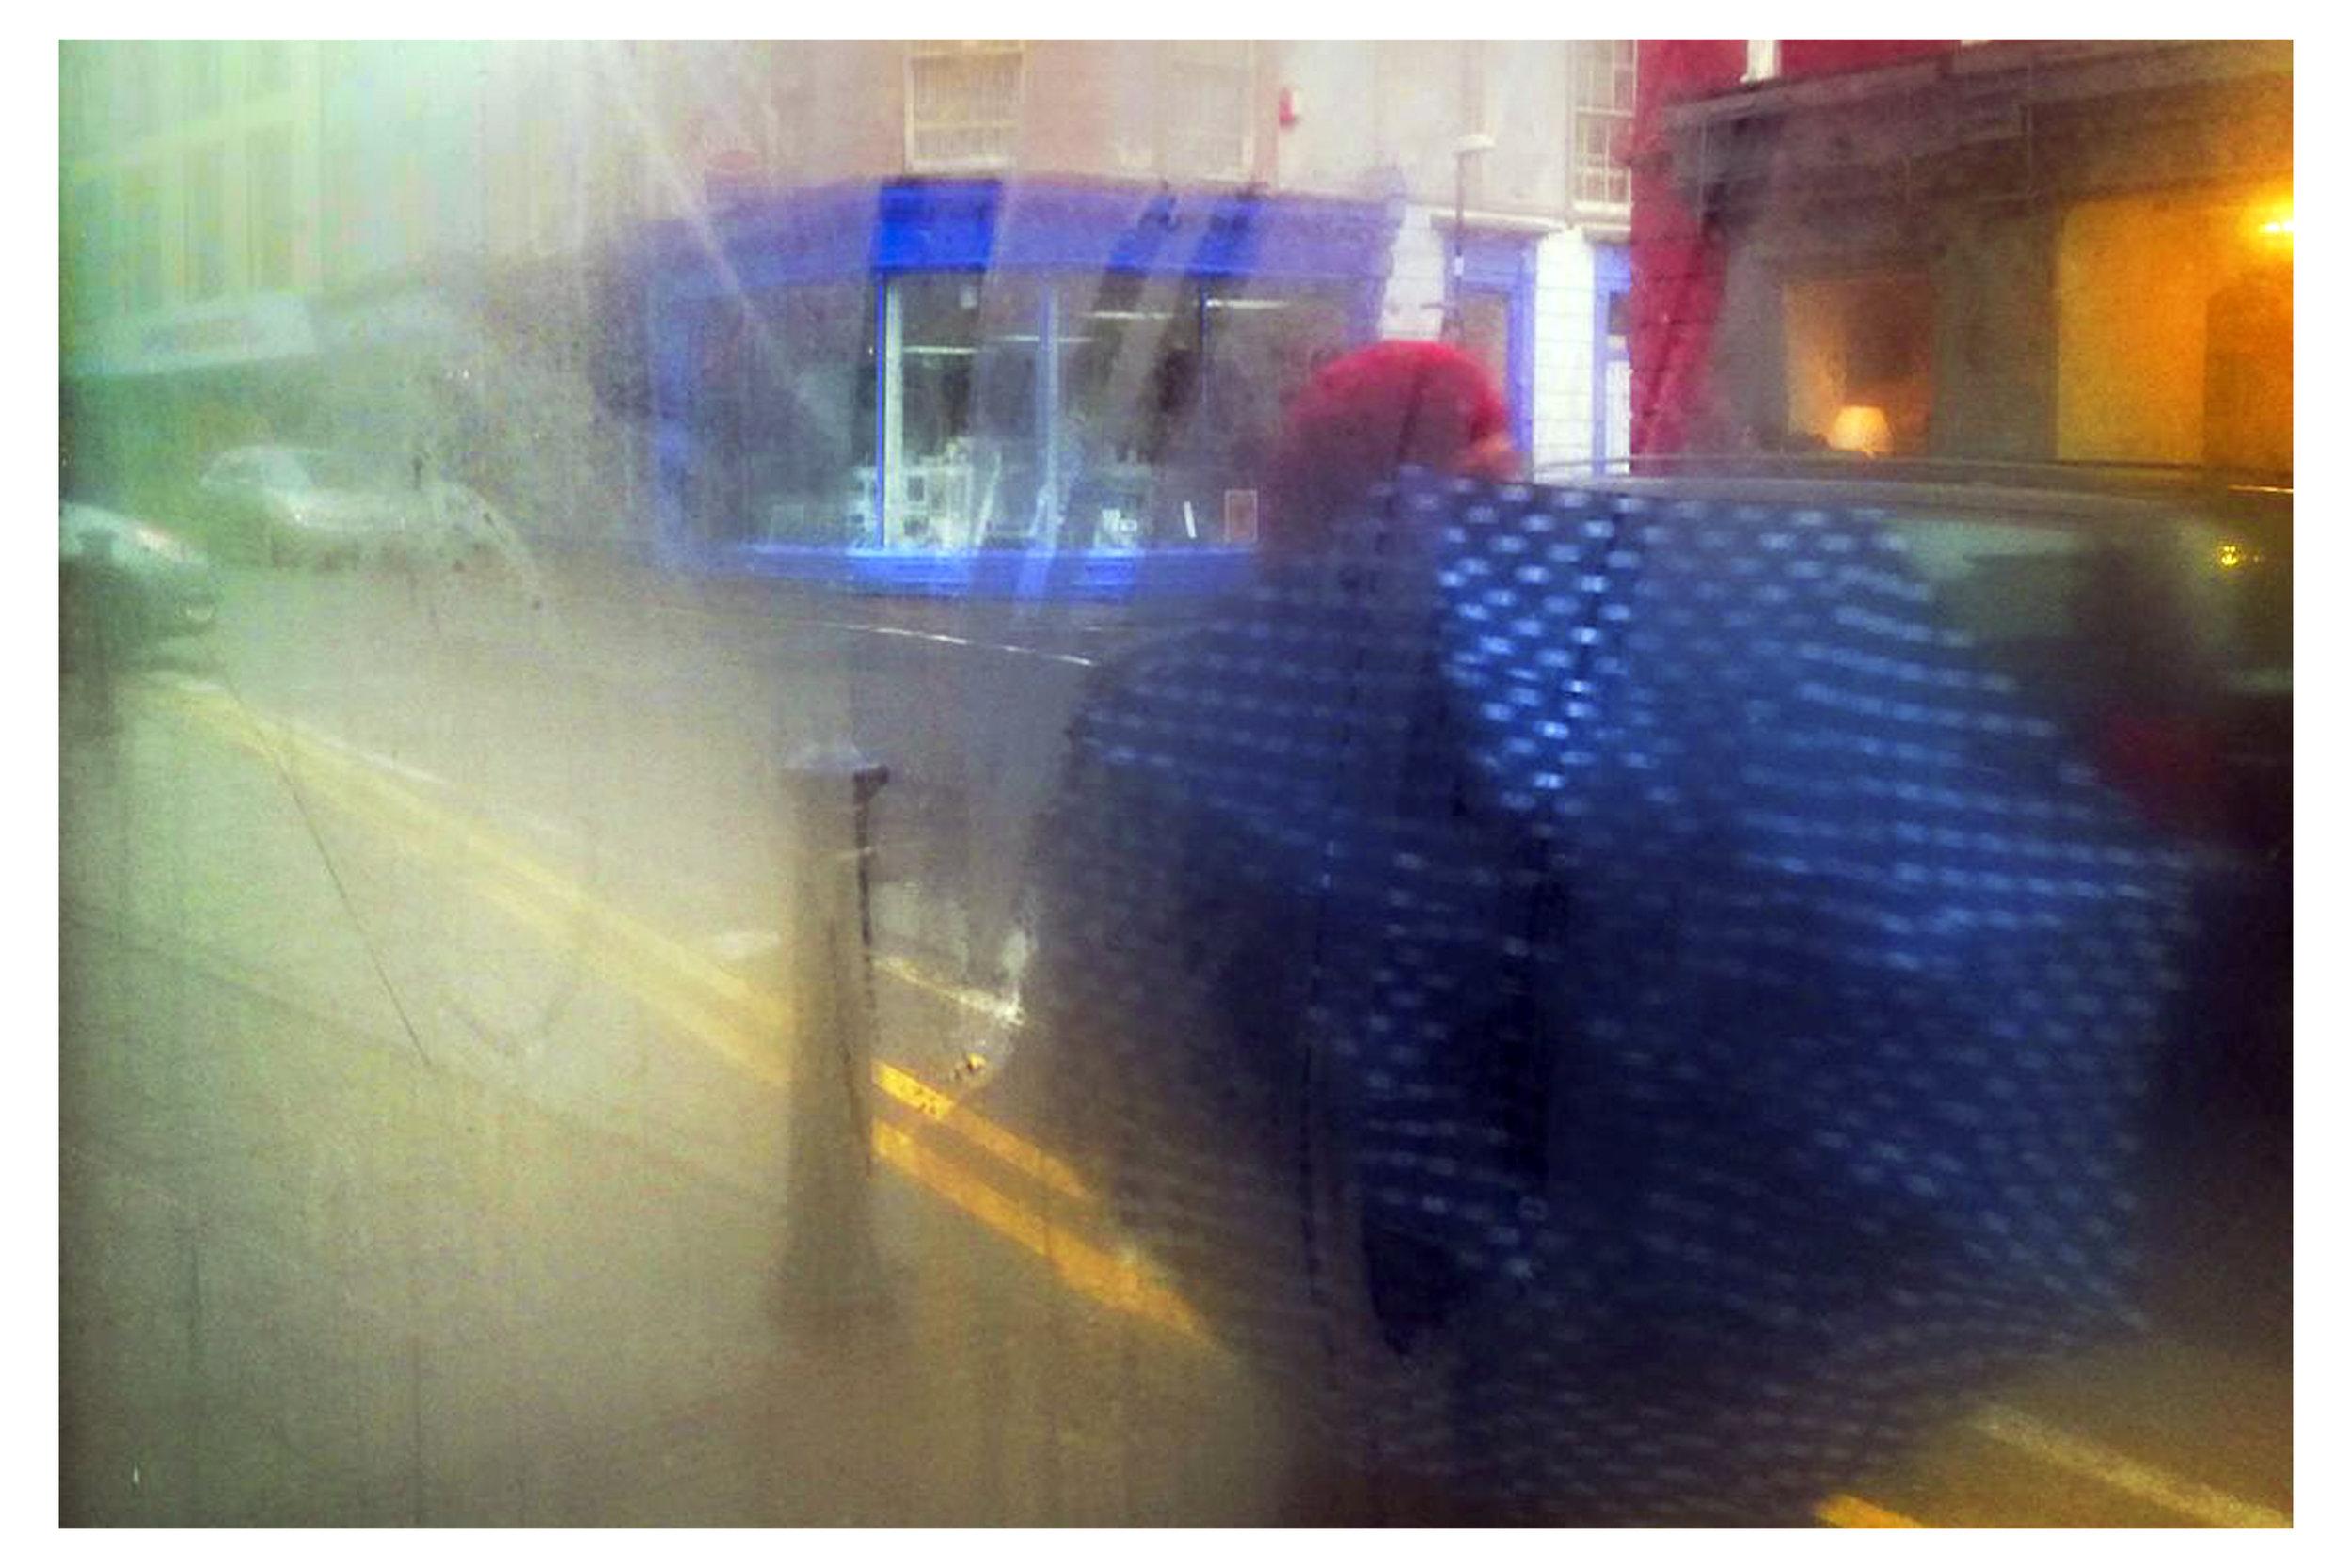 Dry inside the Cabin - umbrella outside-1234-Upsampled.jpg